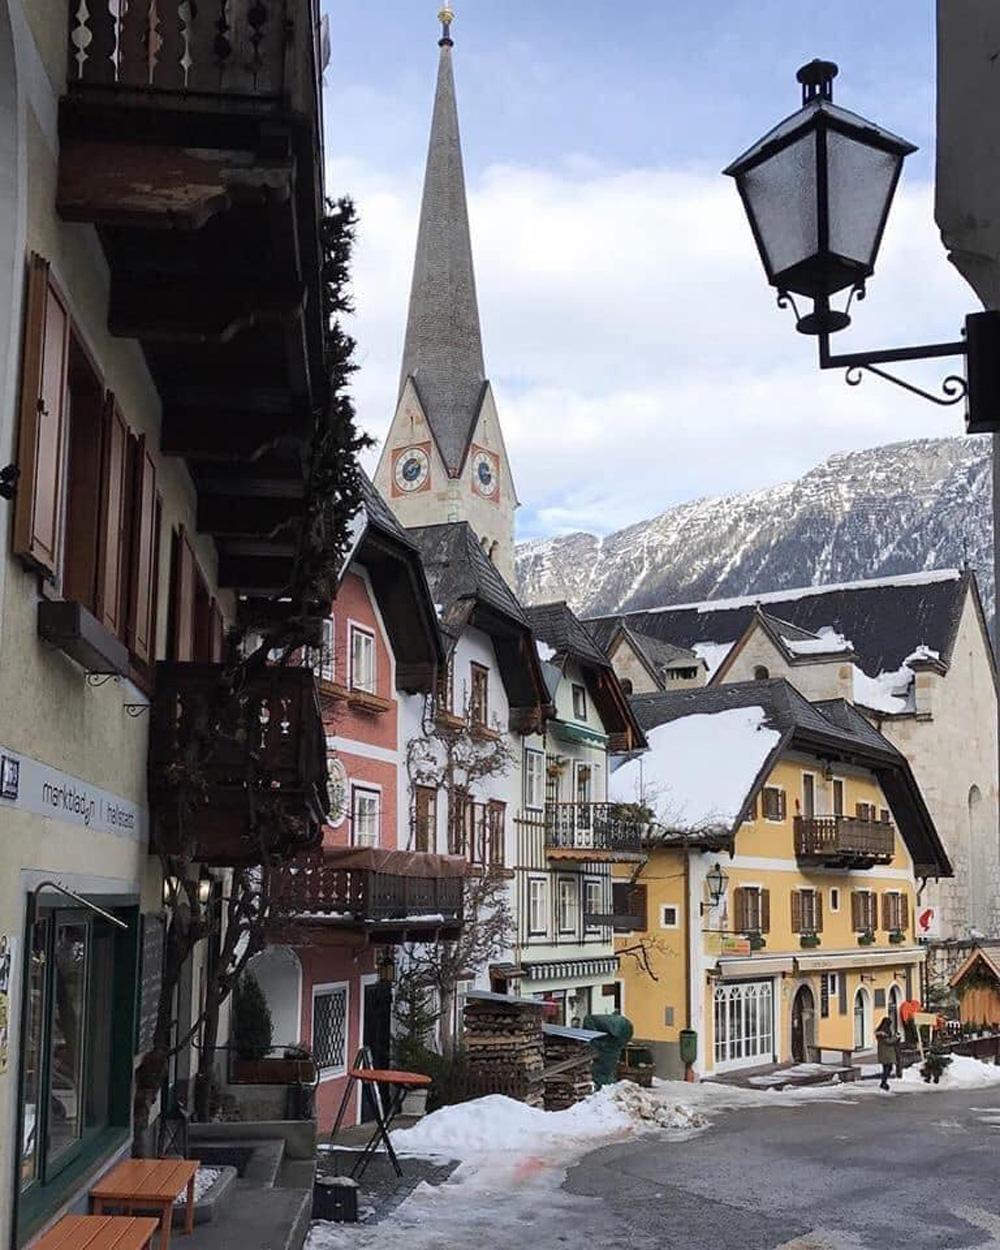 Làng cổ 7.000 năm tuổi Hallstatt đẹp mê mẩn vào mùa đông - Ảnh 6.